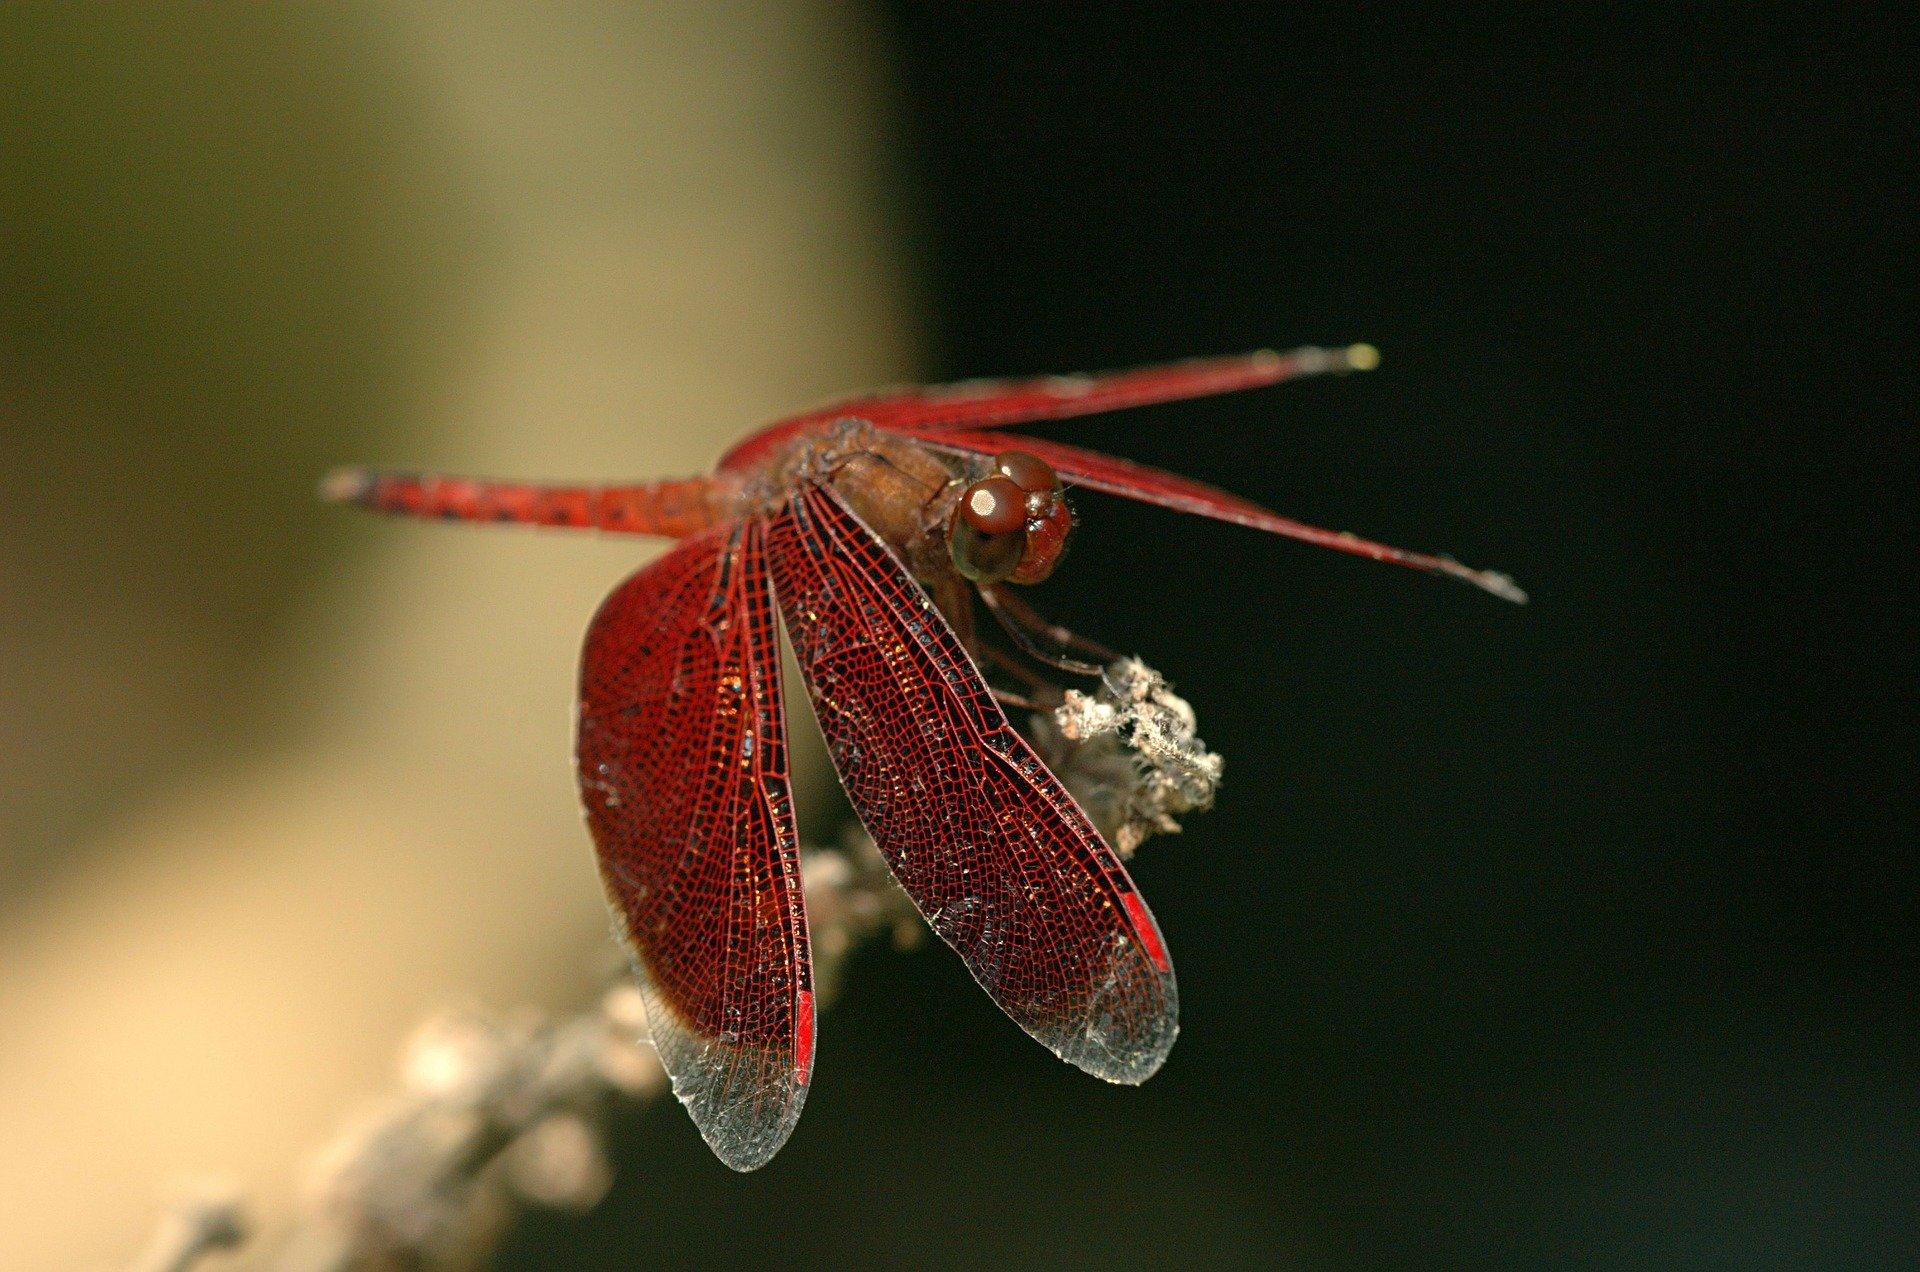 トンボの羽を再現した表面プロセス、抗ウイルスに効果。大ガス子会社が開発